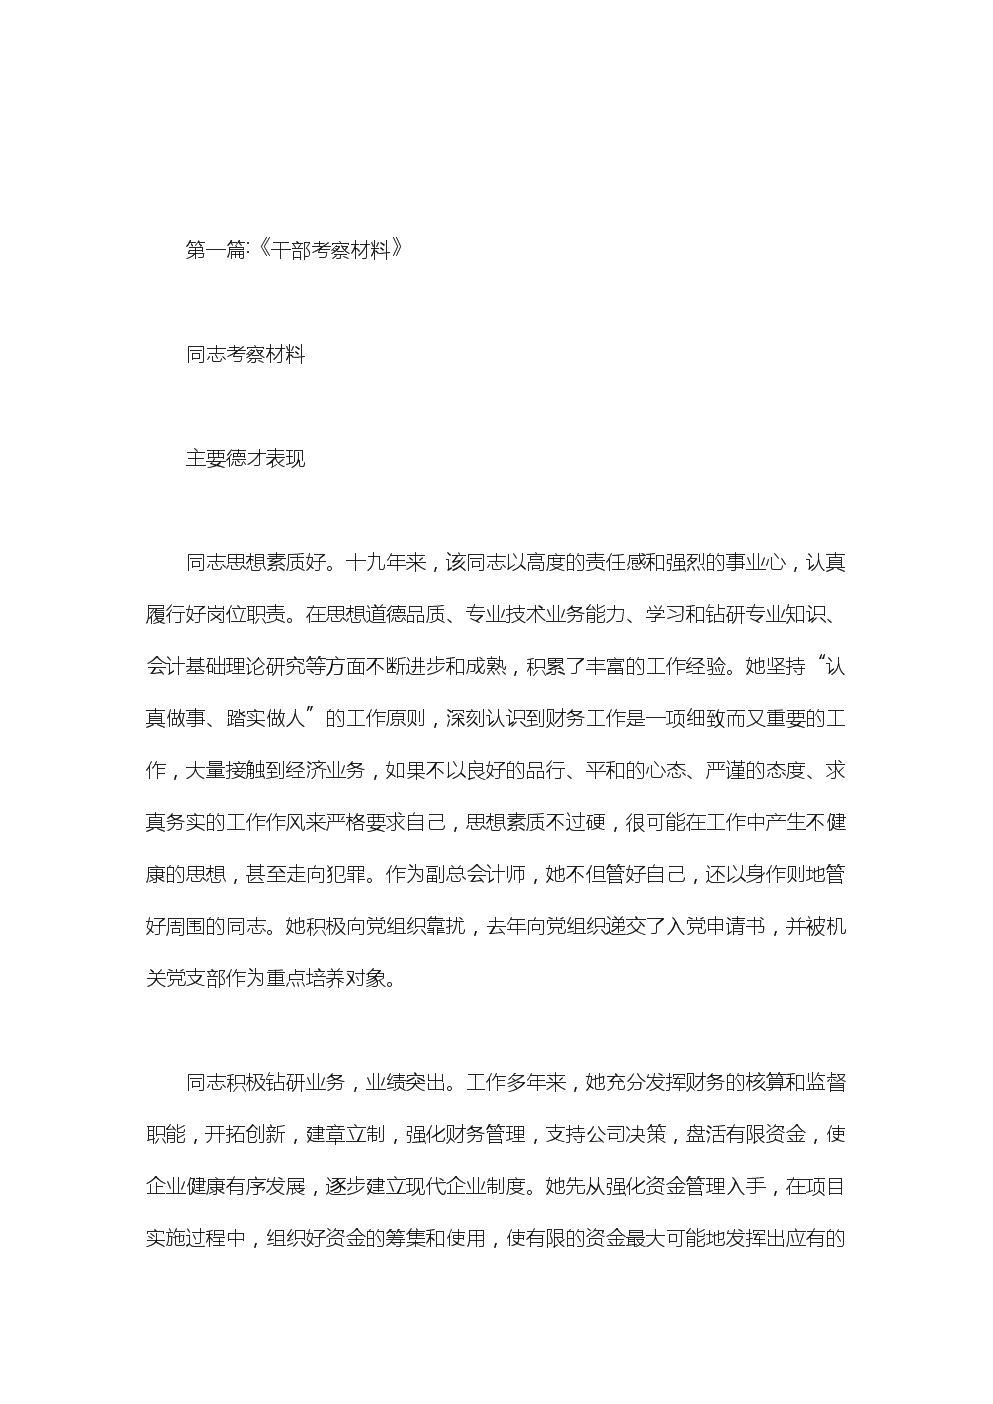 中层干部考察材料范文.doc